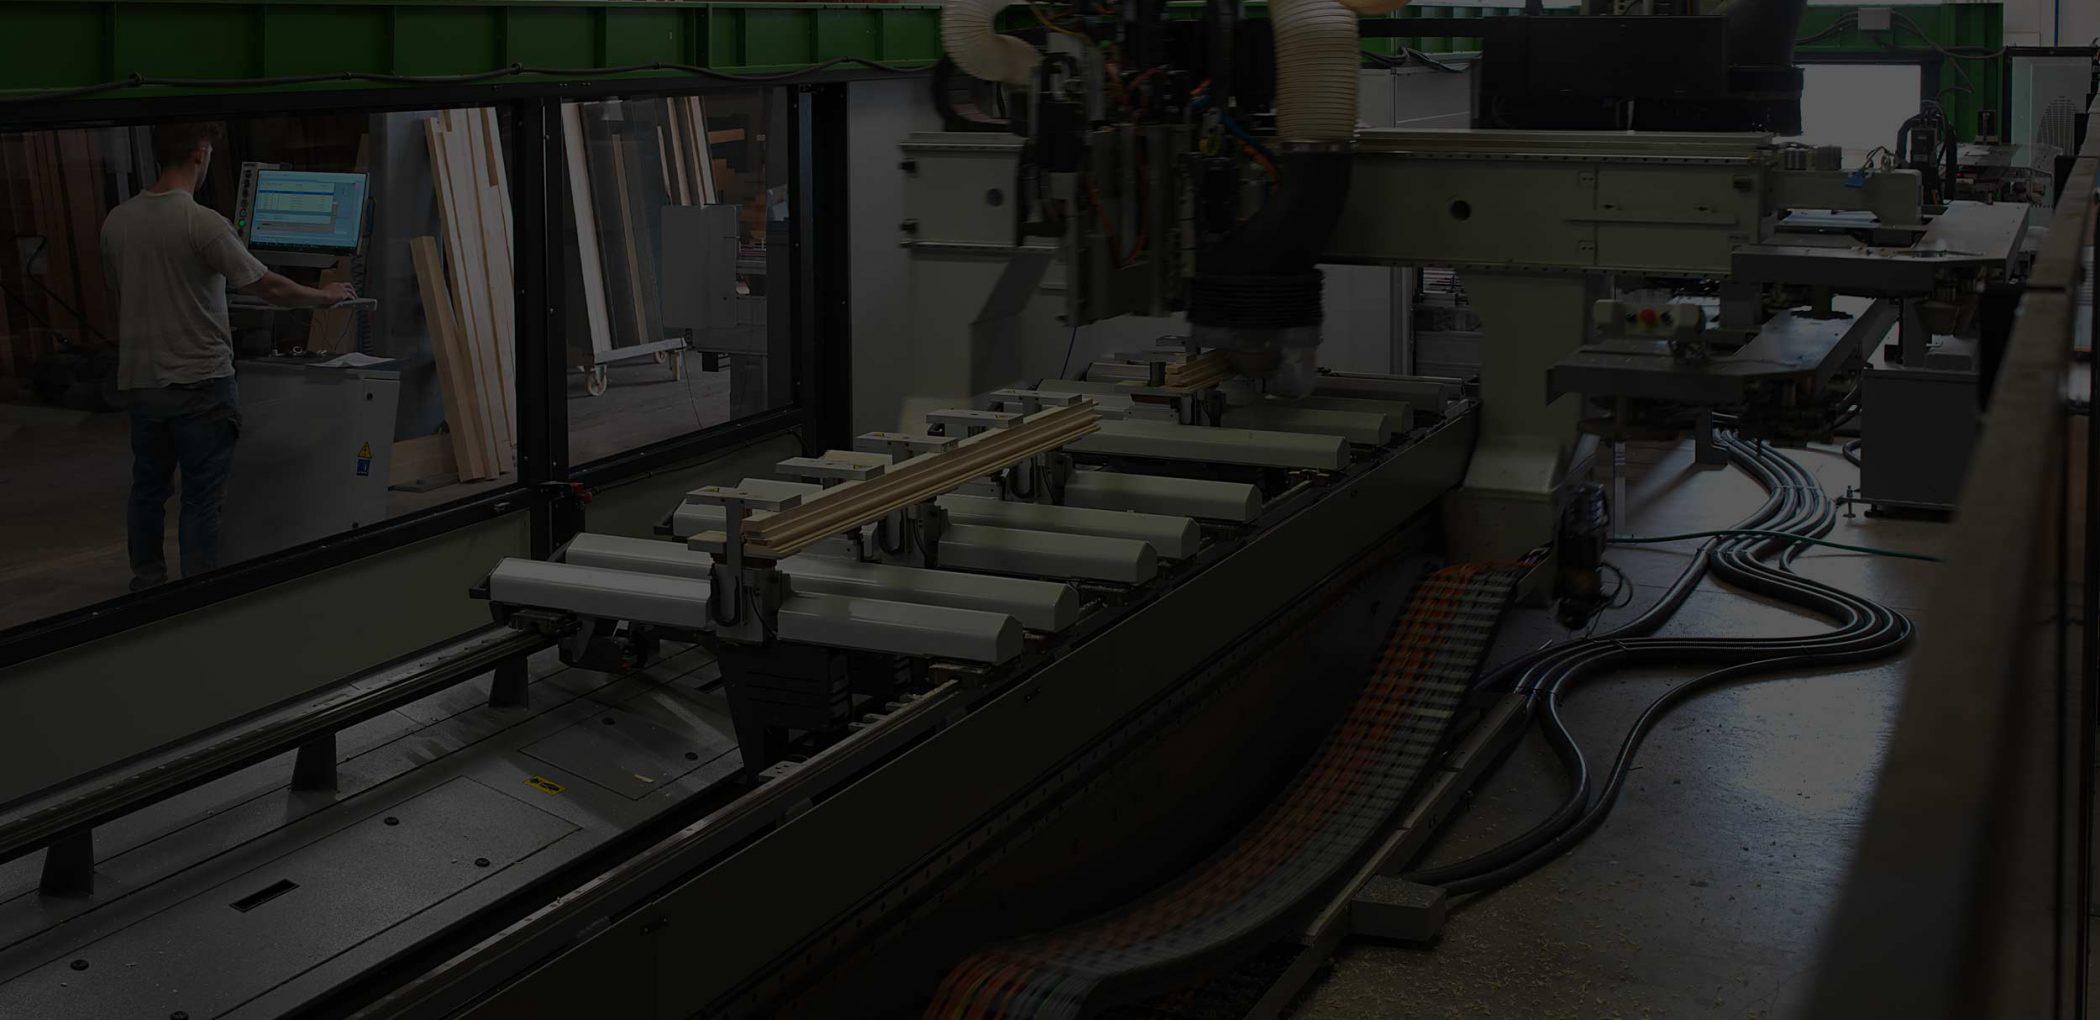 Vue d'une machine de production